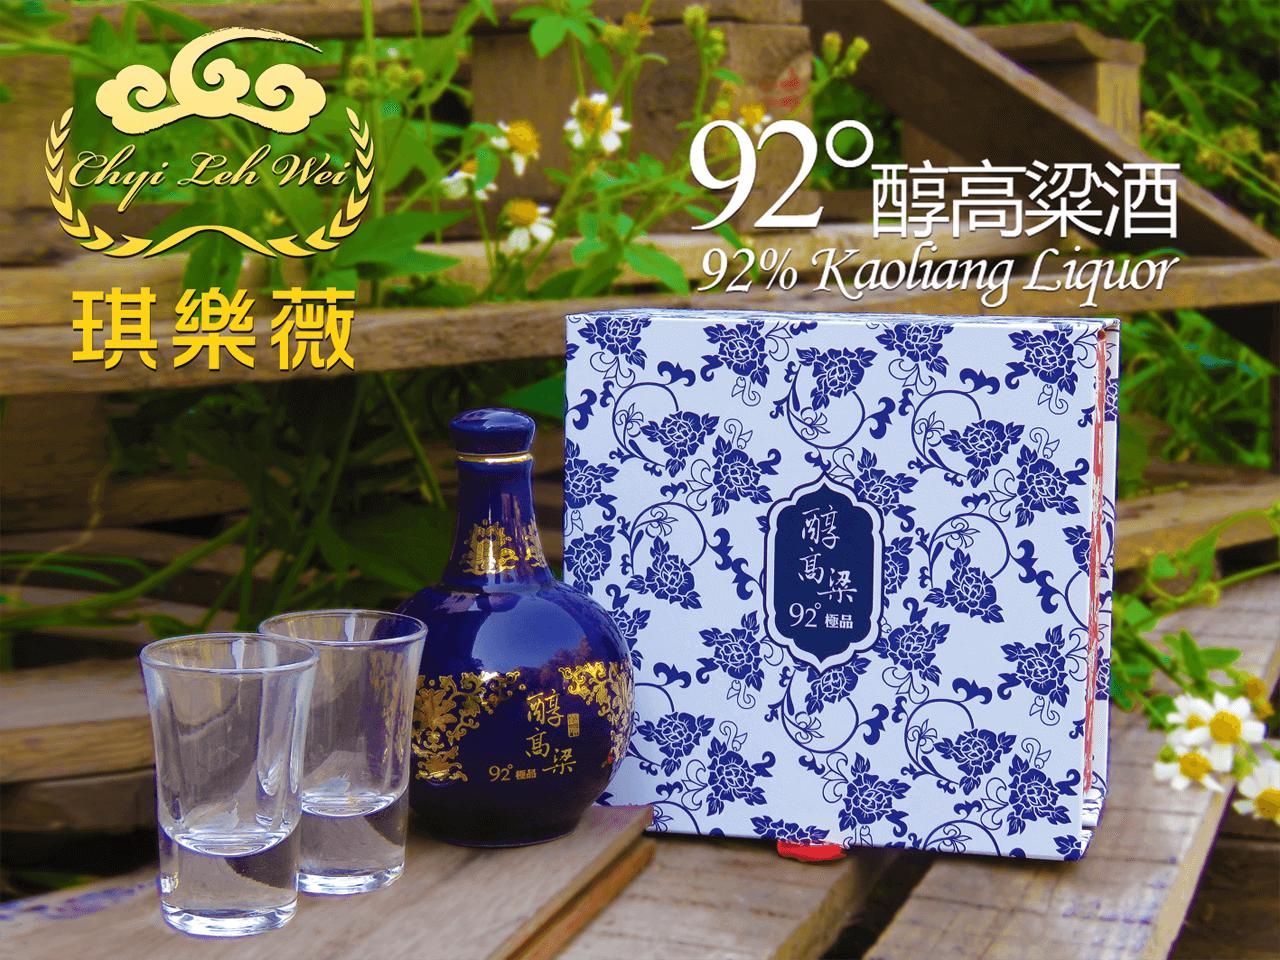 琪樂薇92度醇高粱酒 ChyiLehWei 92% Chinese Baijiu Kaoliang Liquor